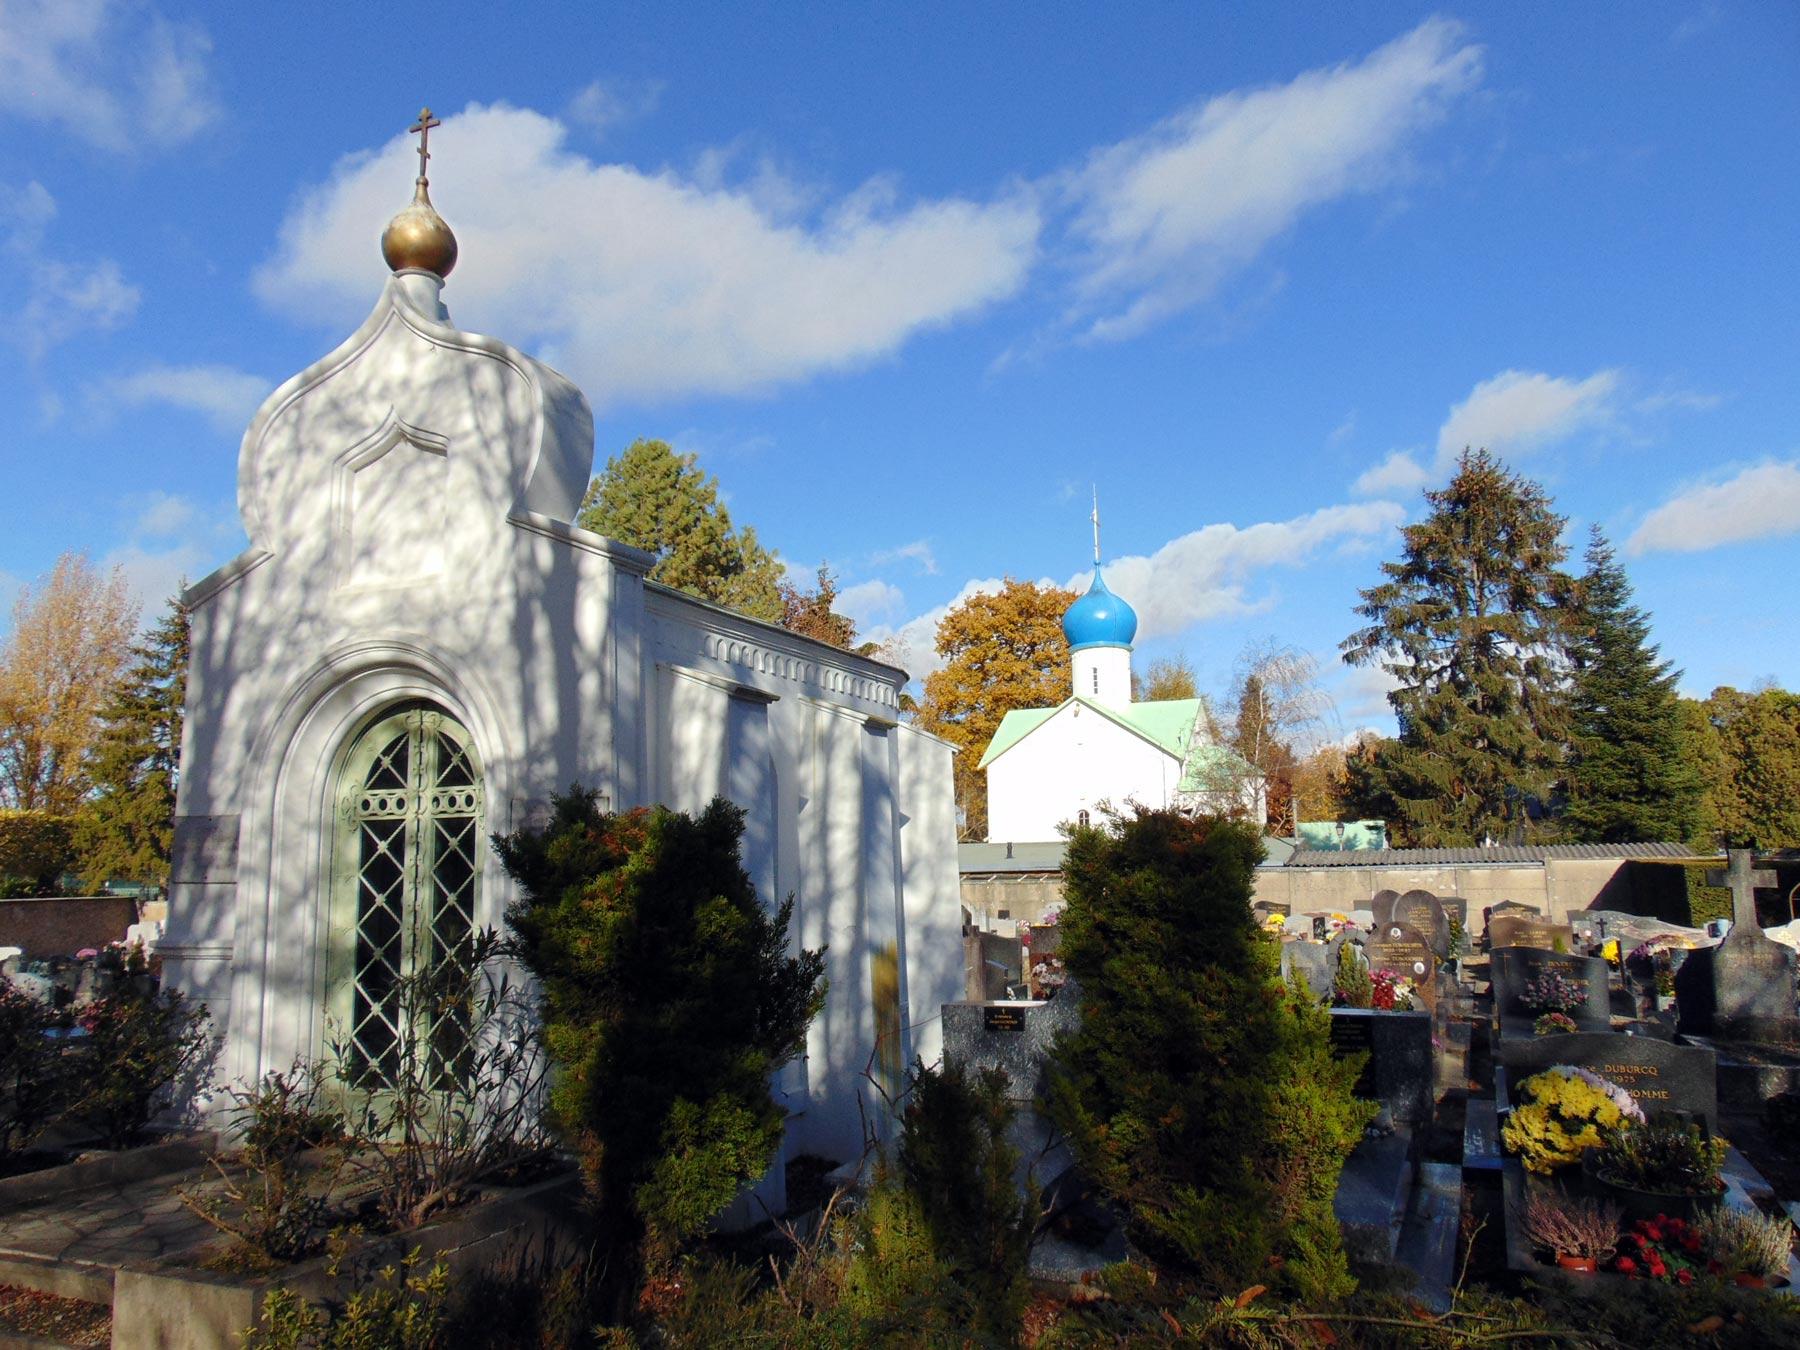 русская церковь русское кладбище Сент-Женевьев-де-Буа под Парижем